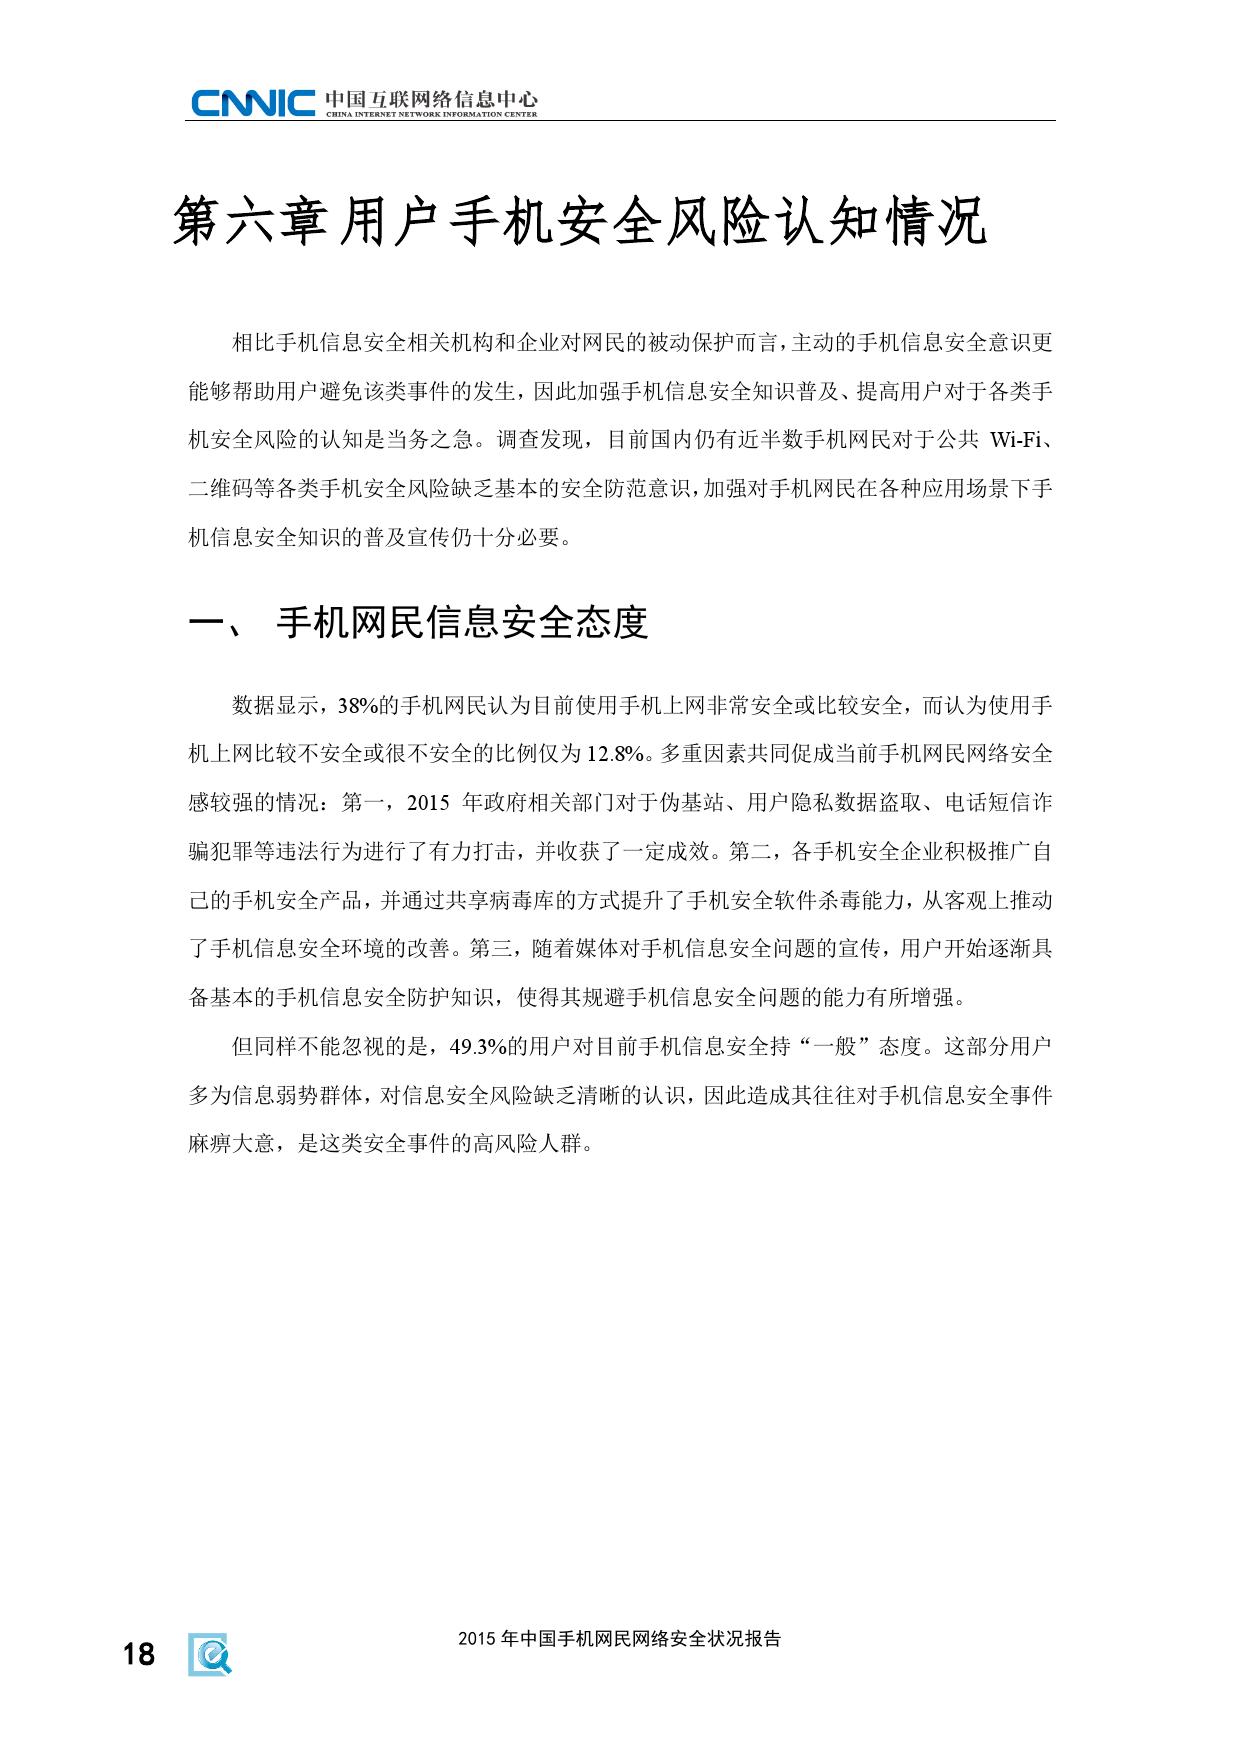 2015年中国手机网民网络安全状况报告_000024